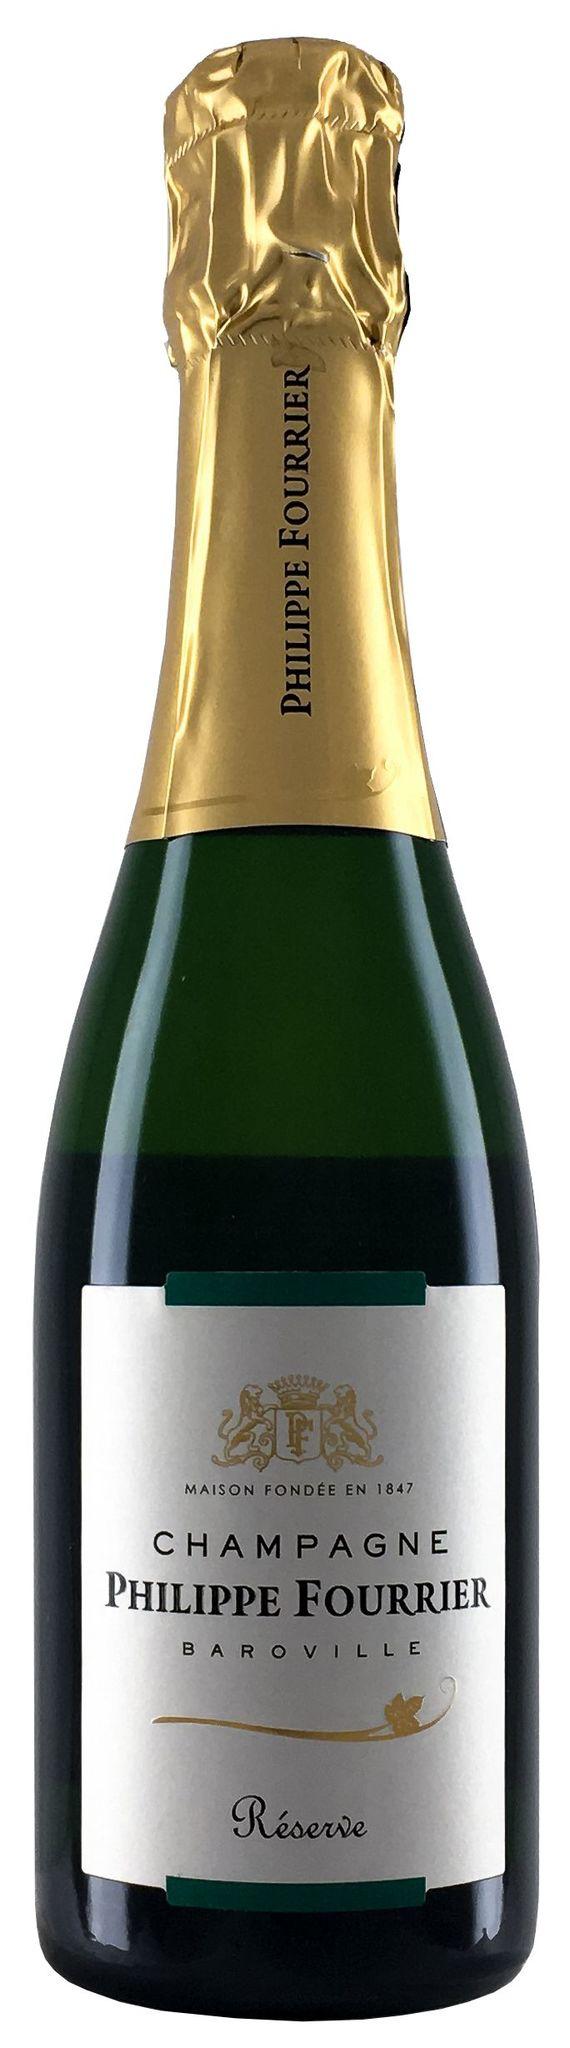 Шампанское Филипп Фурье Резерв брют белое з.н.м.п регион Шампань 0,375л.